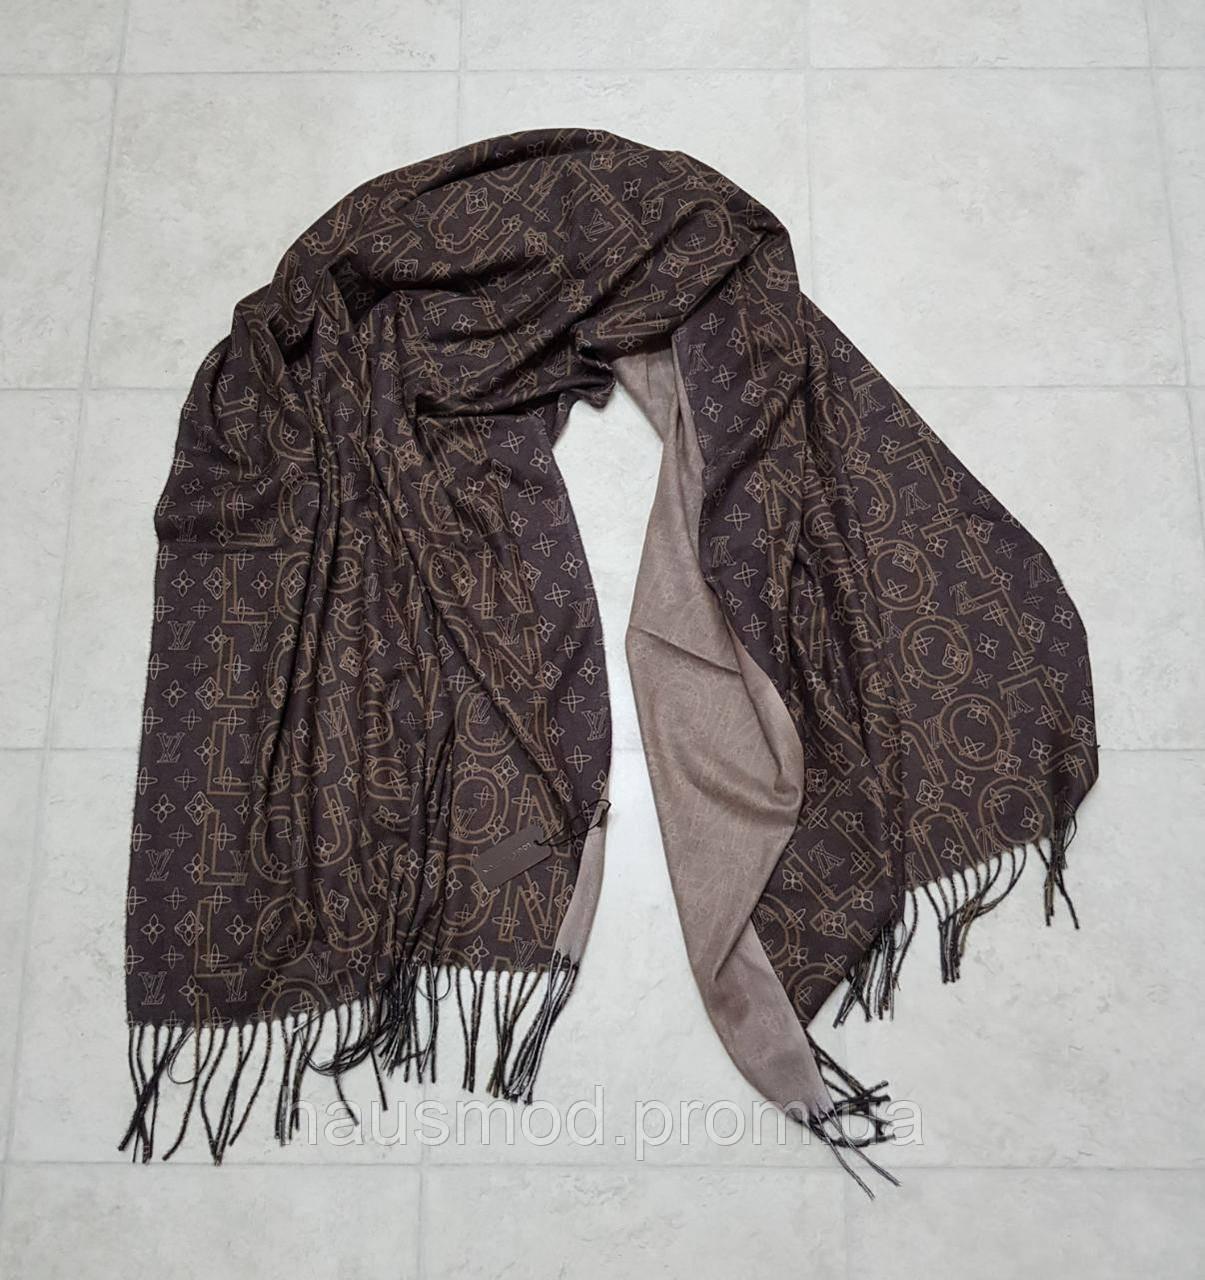 Женский шарф теплый реплика Louis Vuitton осень-зима байка утепленная размер 190×75 см цвет коричневый